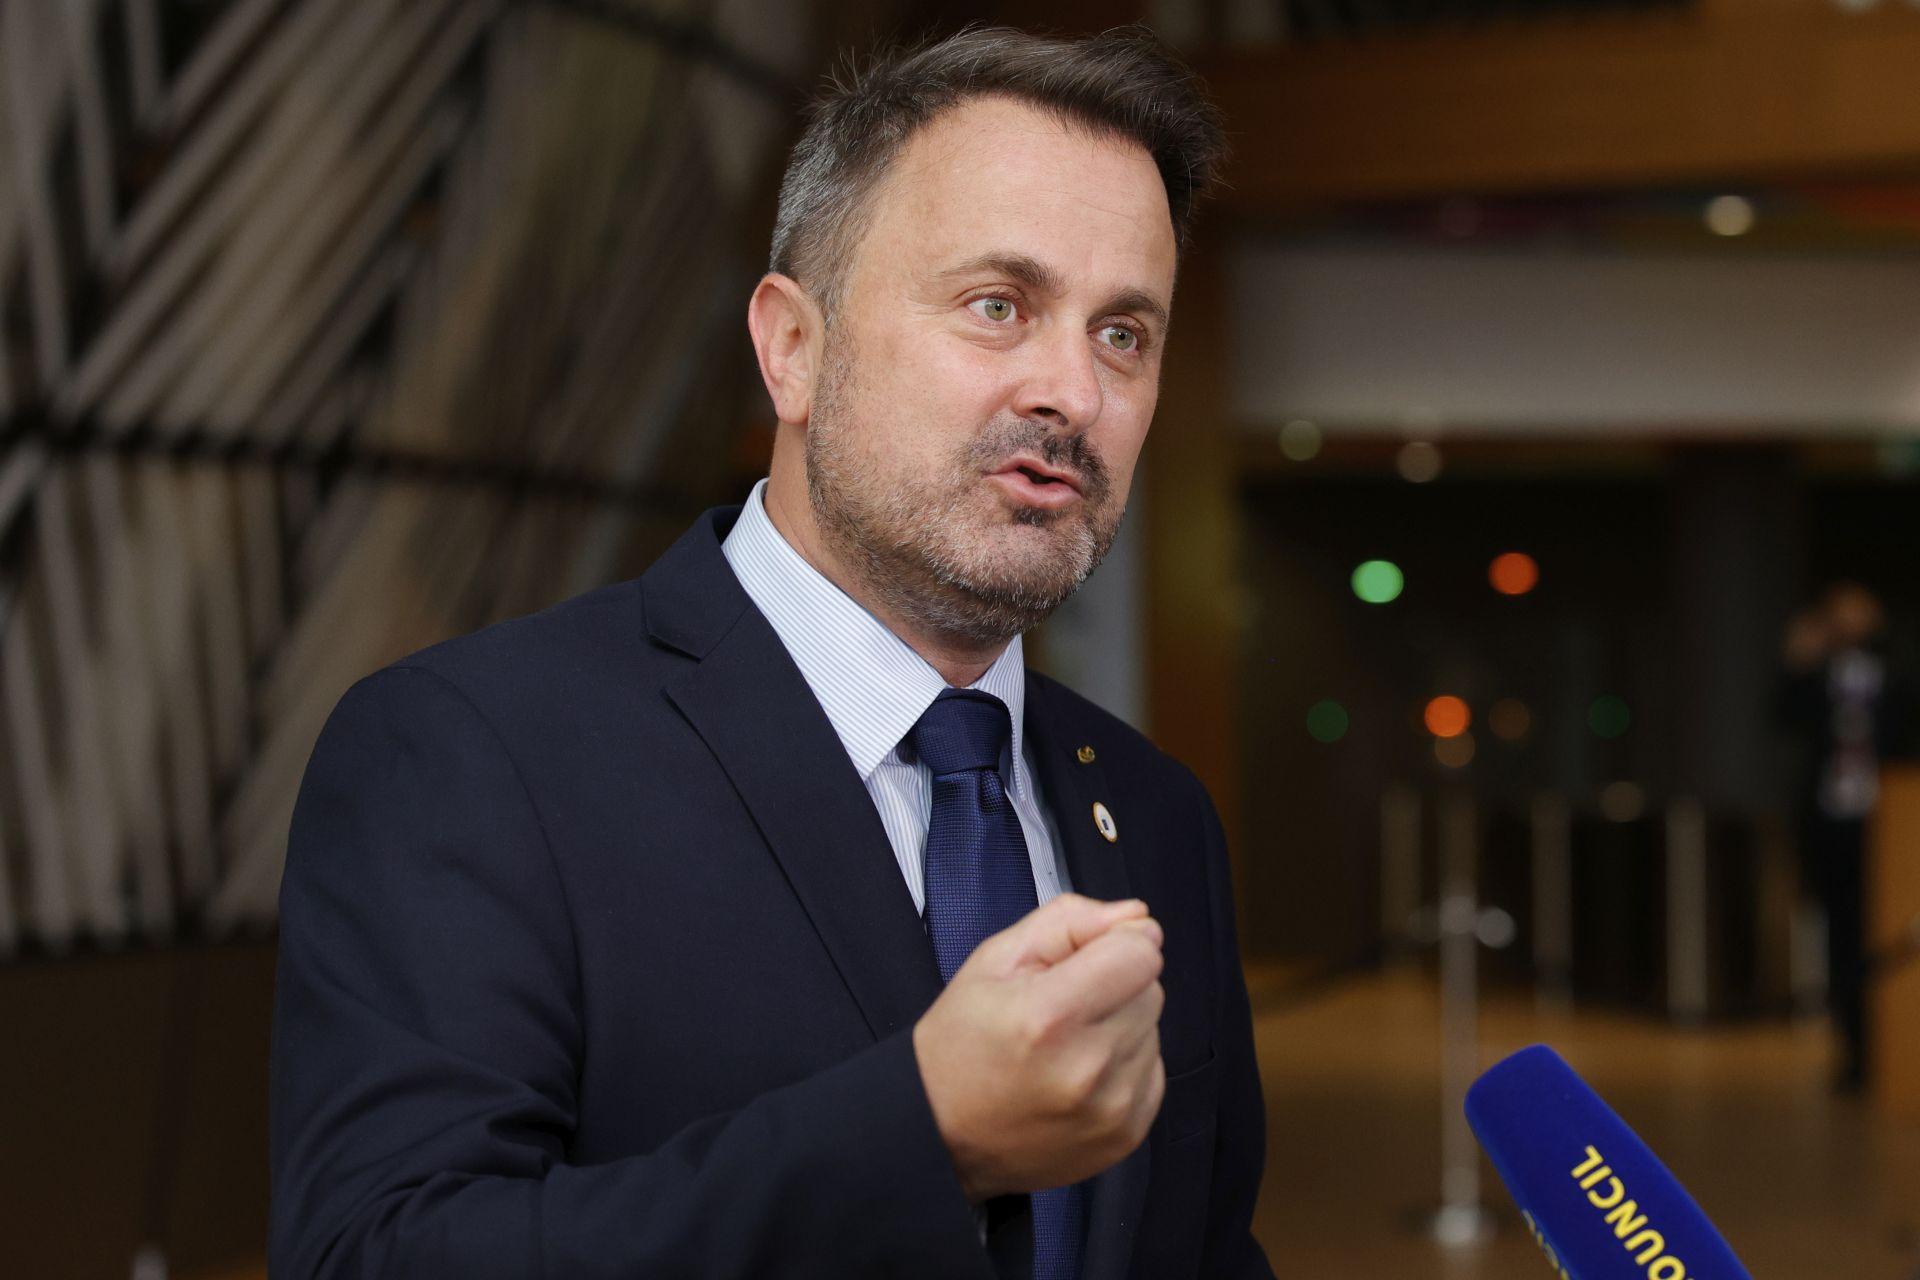 Премиерът на Люксембург разговаря с журналисти, когато пристига на среща на върха на ЕС в сградата на Европейския съвет в Брюксел, петък, 25 юни